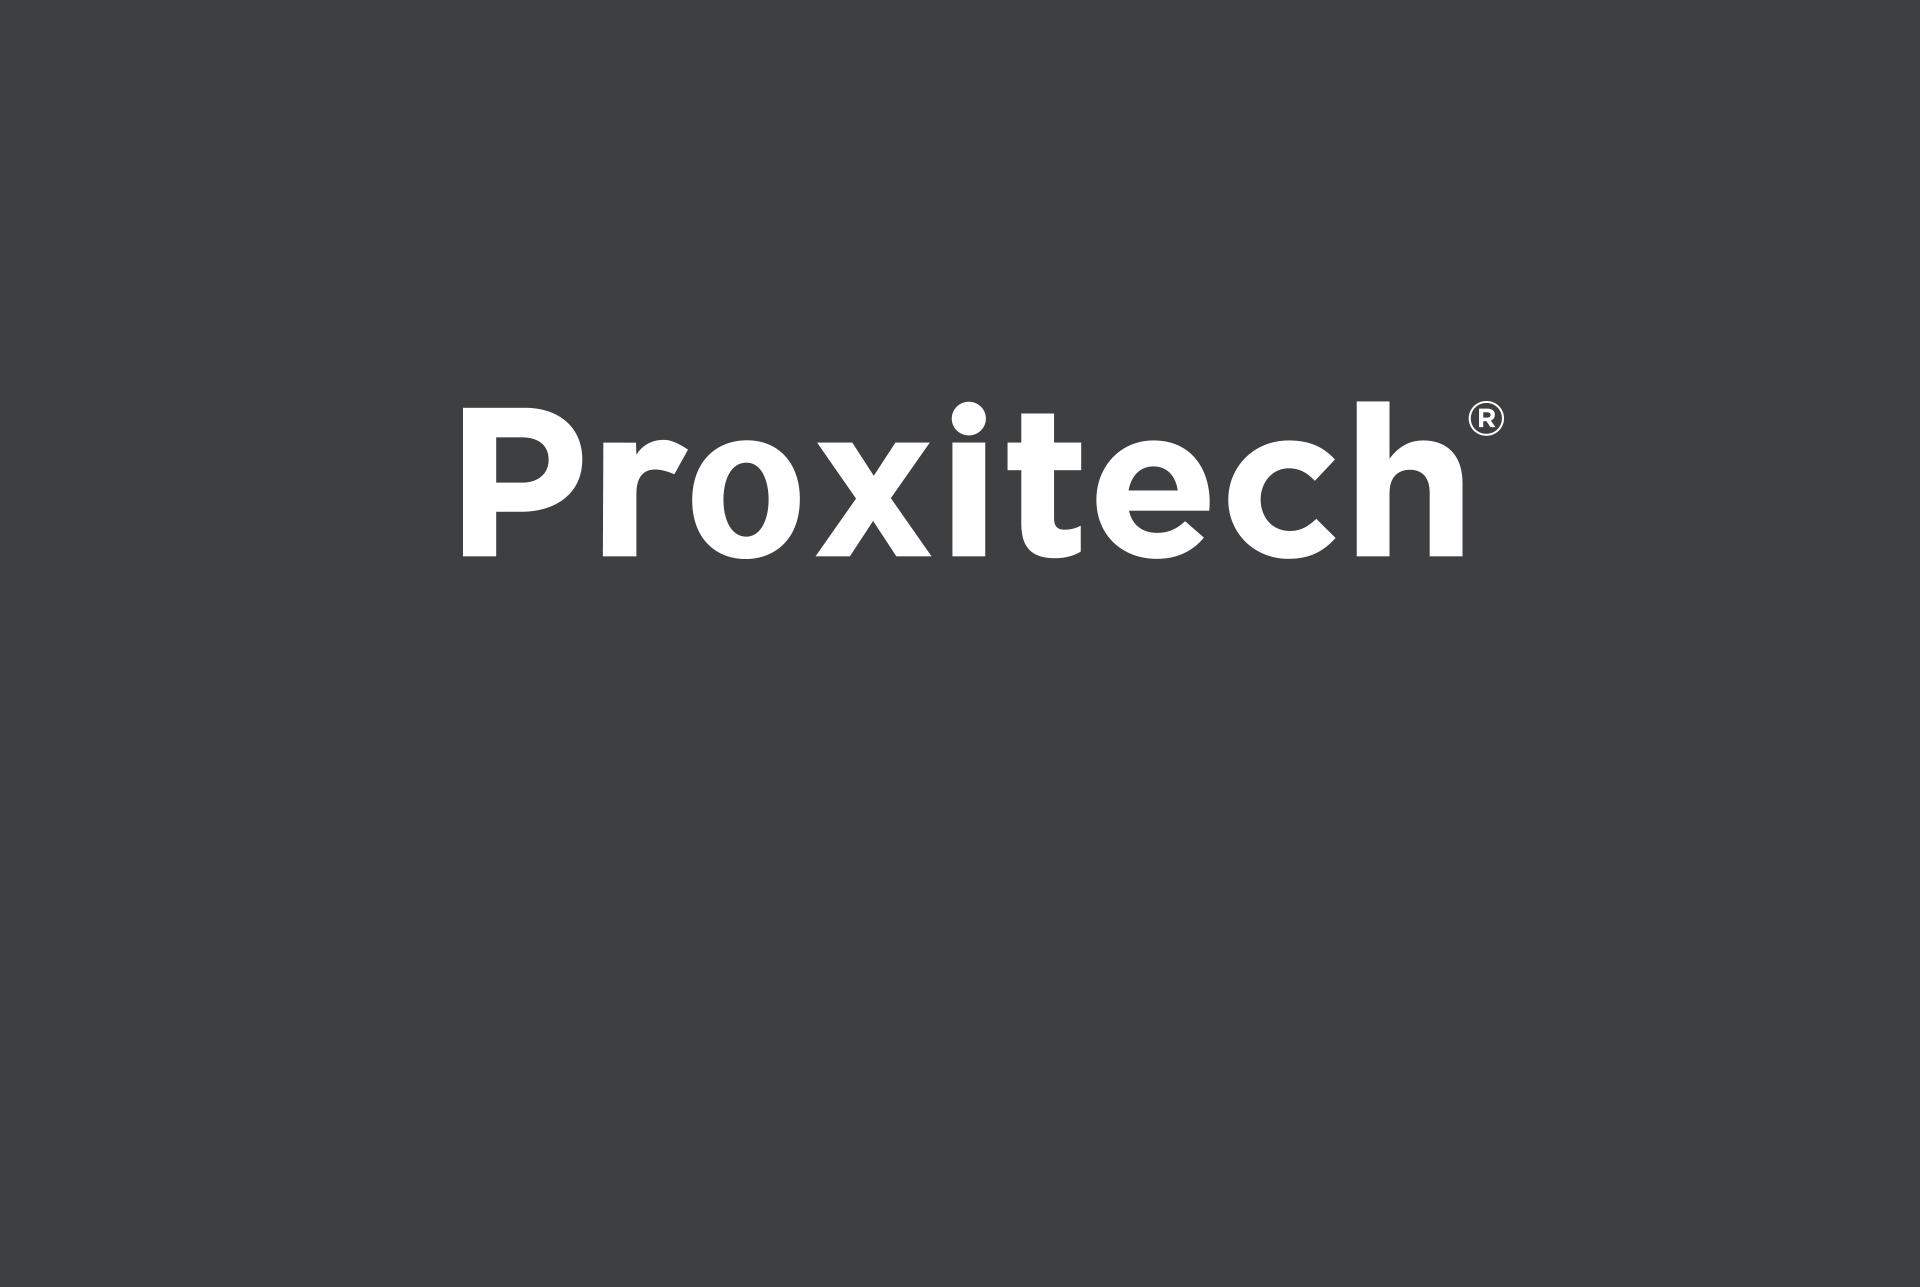 logo Proxitech blanc